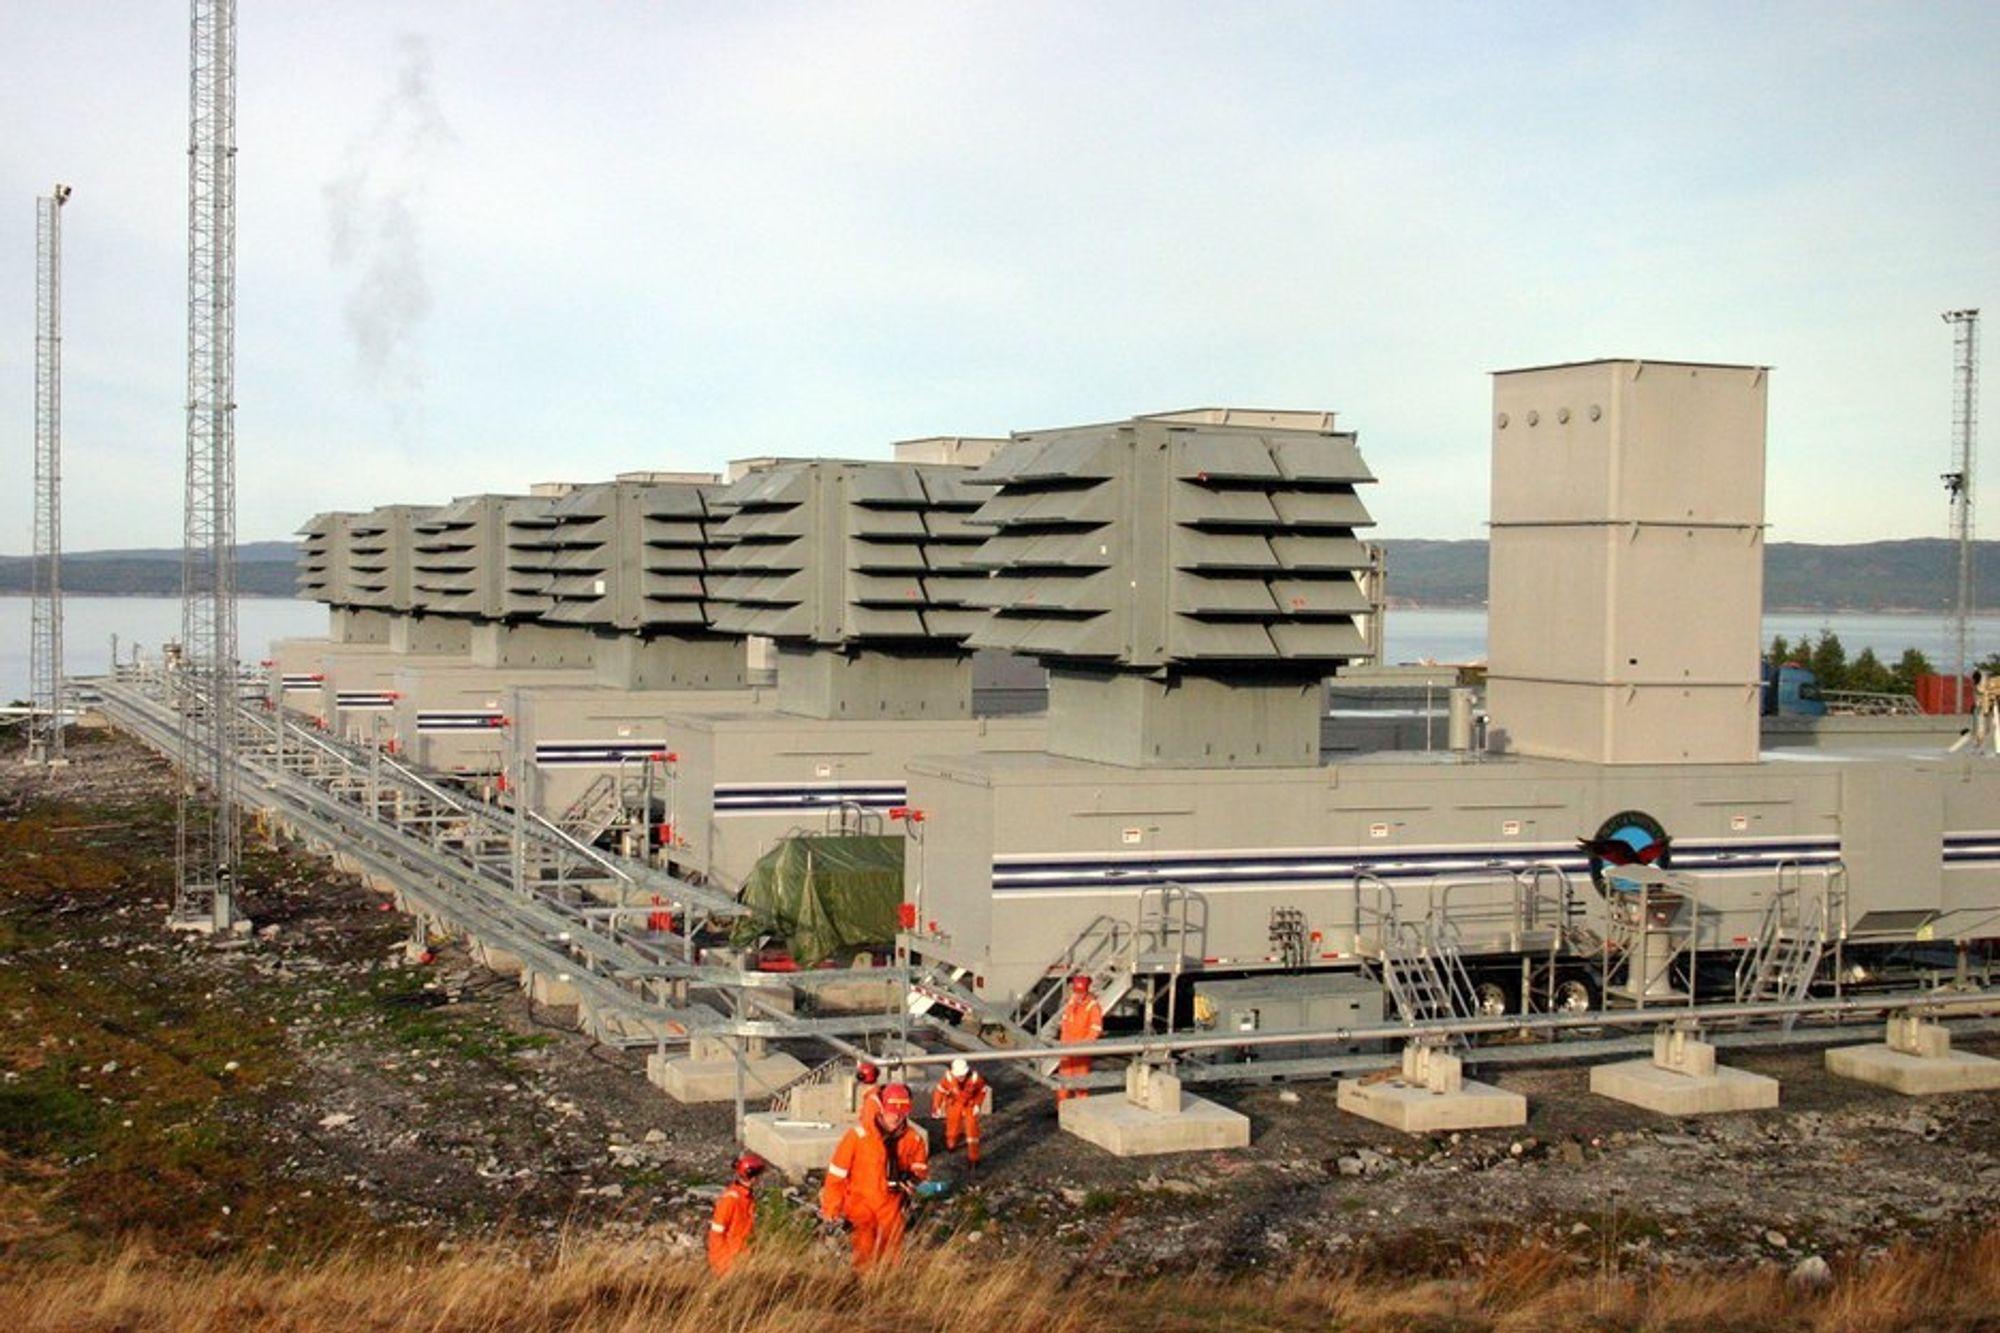 HANDLINGSPLAN: Høyre og Frp krever at regjeringen lager en handlingsplan om kraftsituasjonen i Midt-Norge. Bildet viser reservegasskraftverket på Tjeldbergodden.